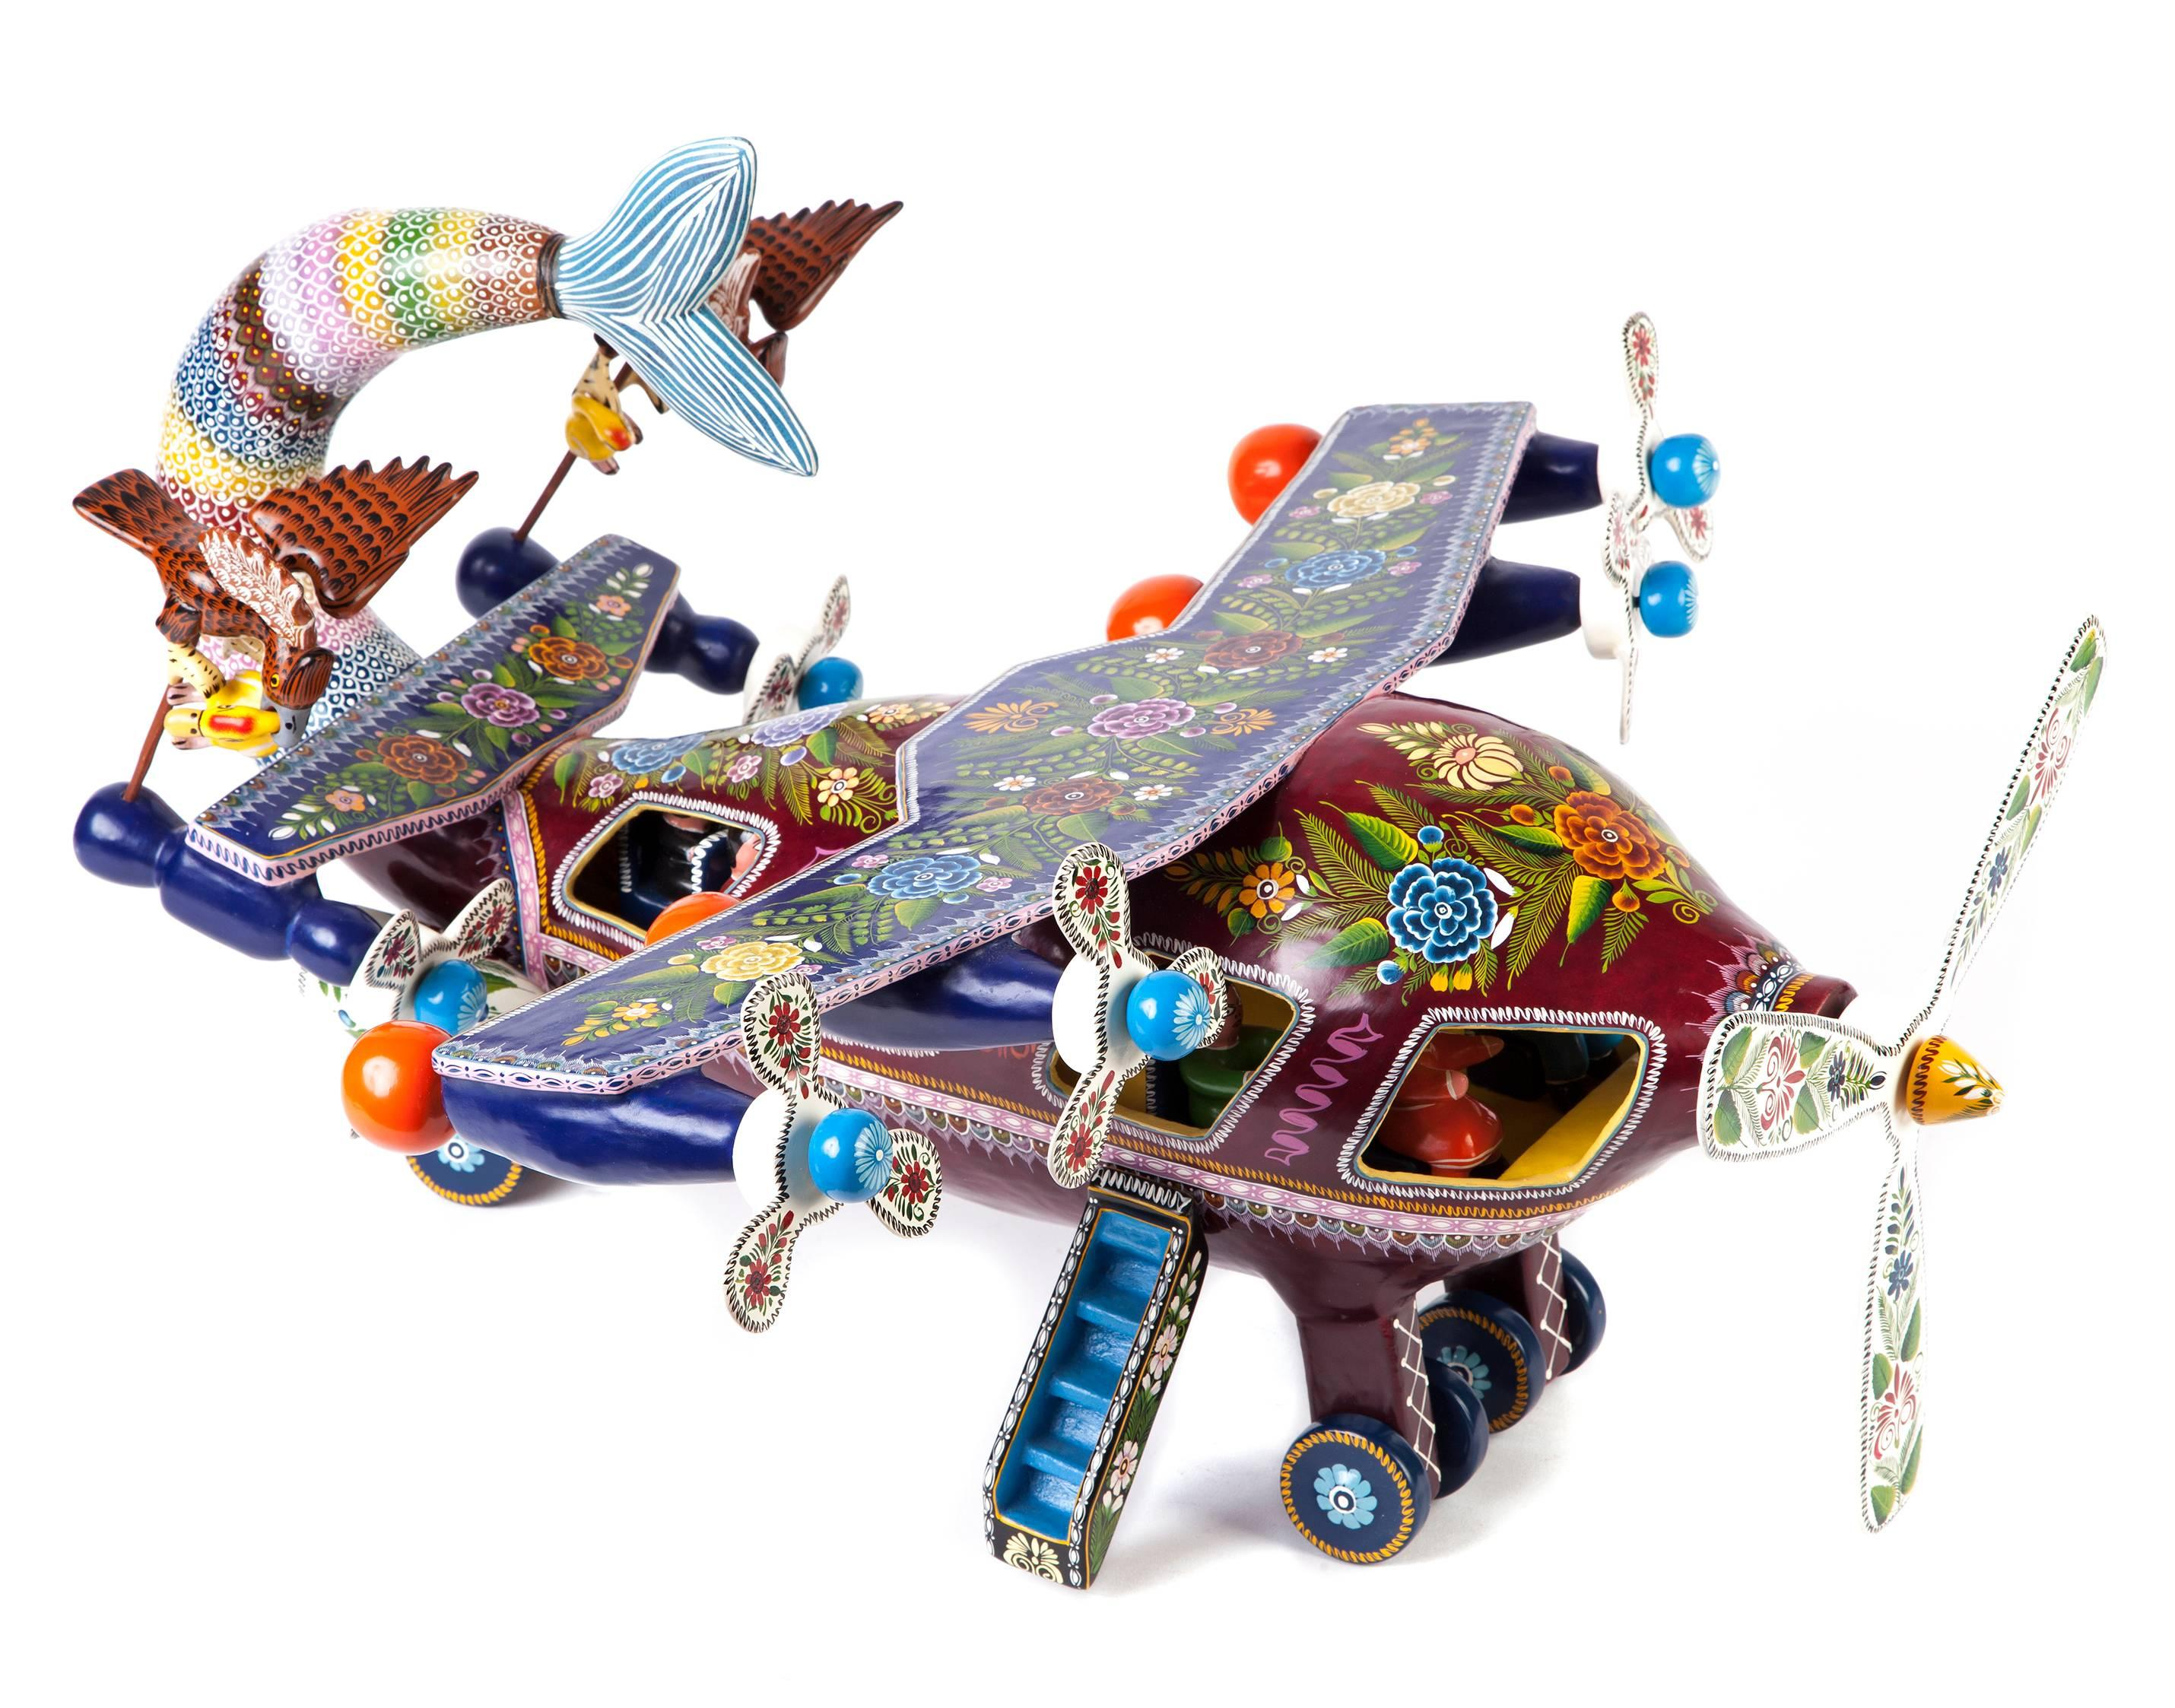 24'' El Avion de Guerrero / Wood carving Lacquer Mexican Folk Art